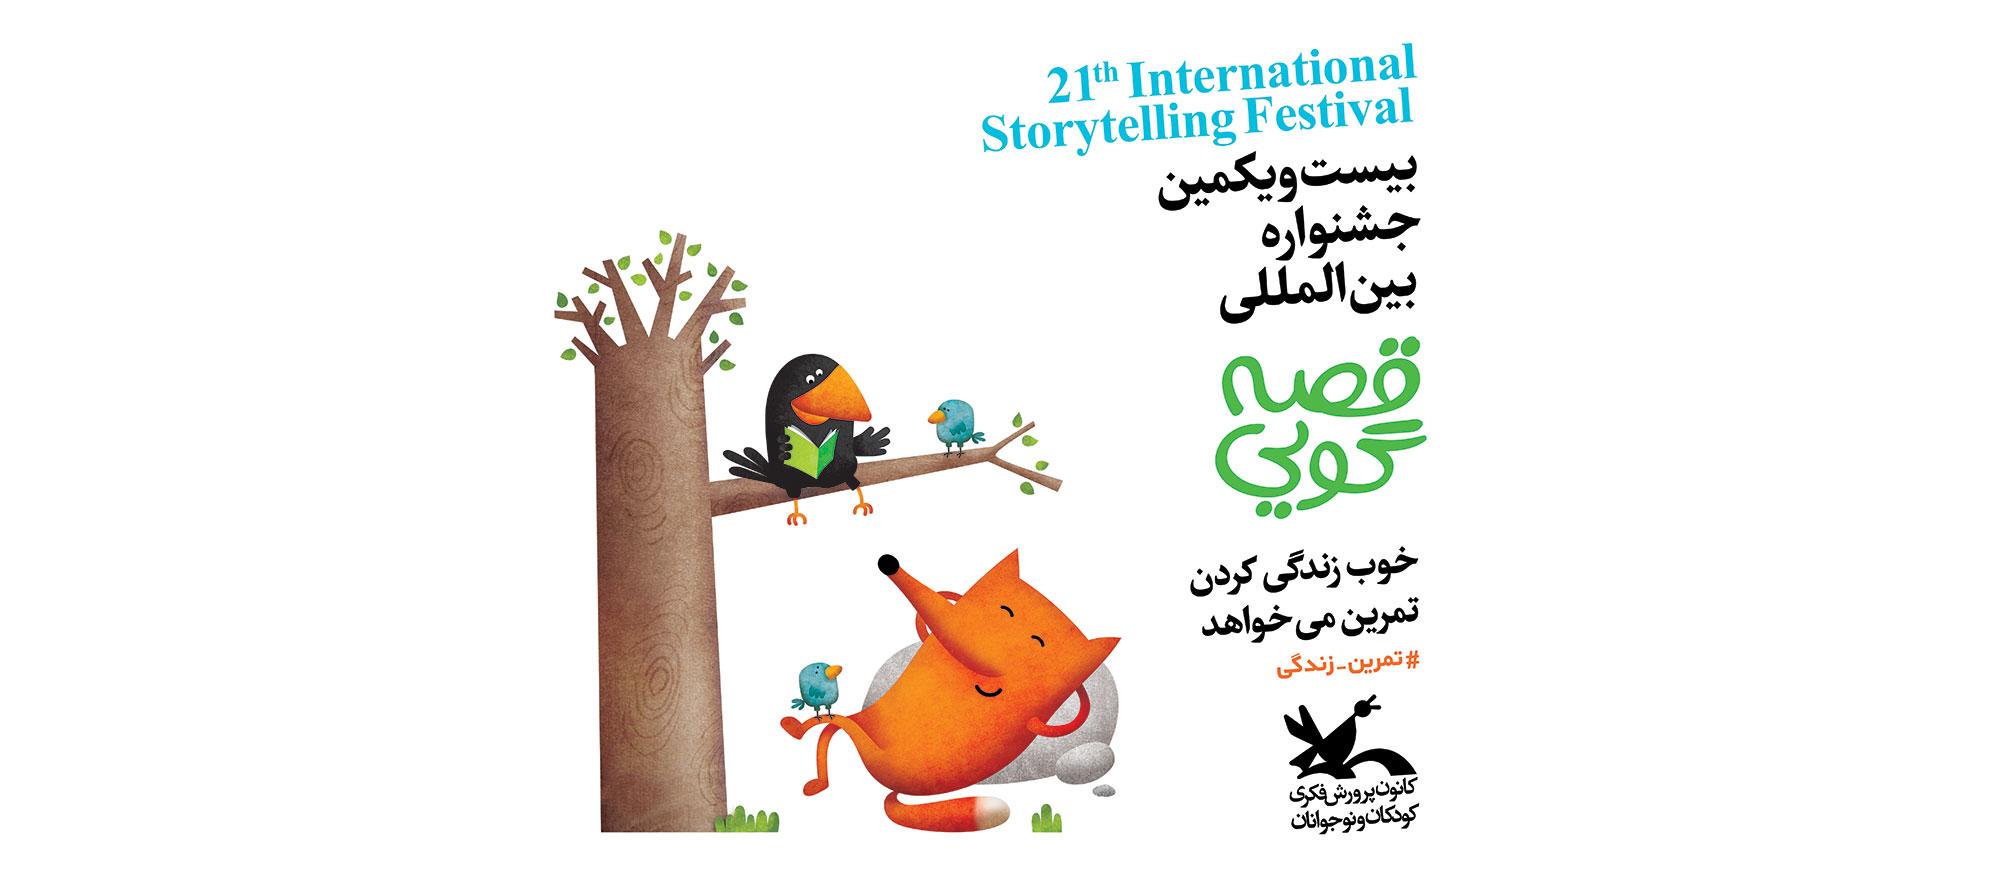 آغاز بیست و یکمین جشنواره بینالمللی قصهگویی در تهران